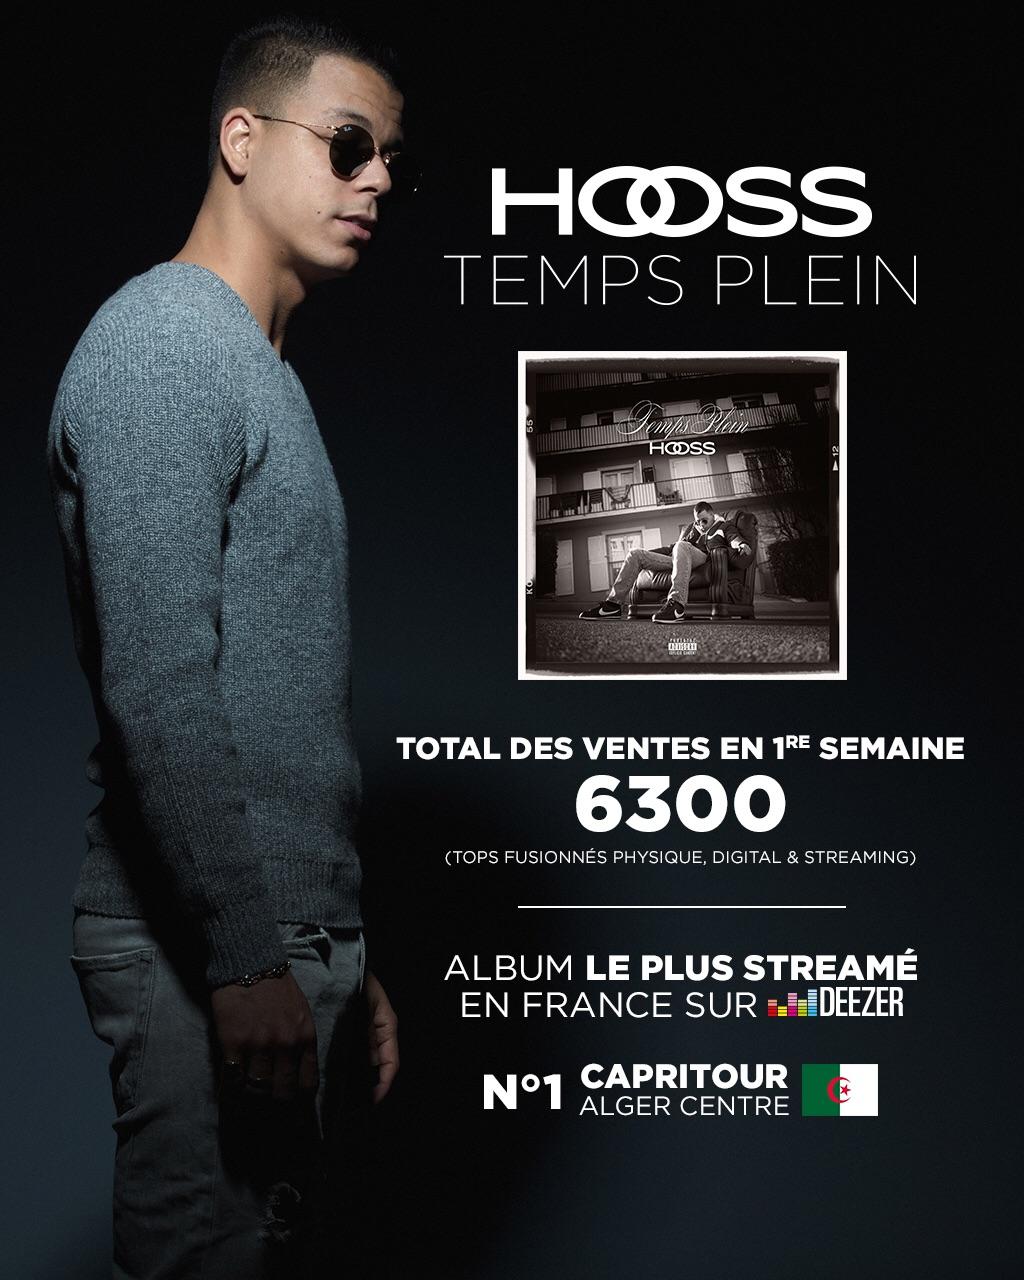 Hooss